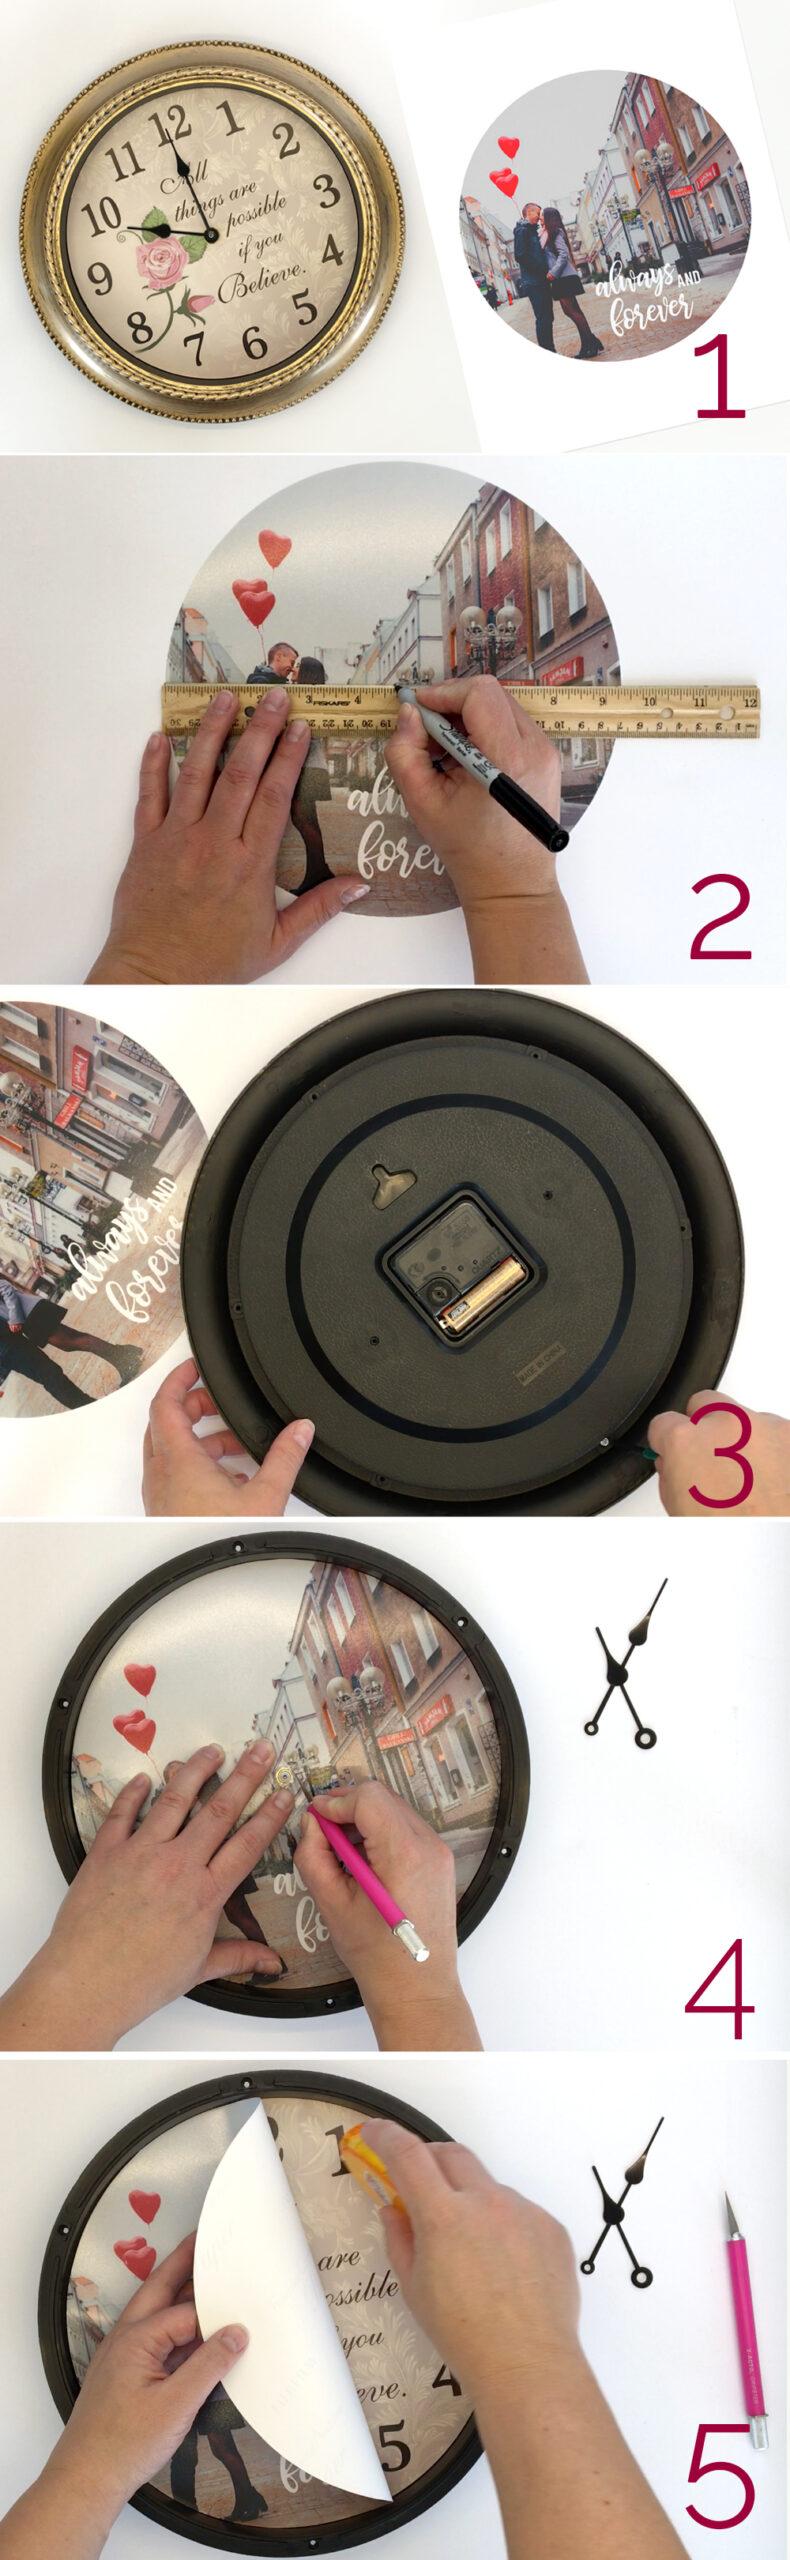 آموزش ساخت ساعت با عکس شخصی